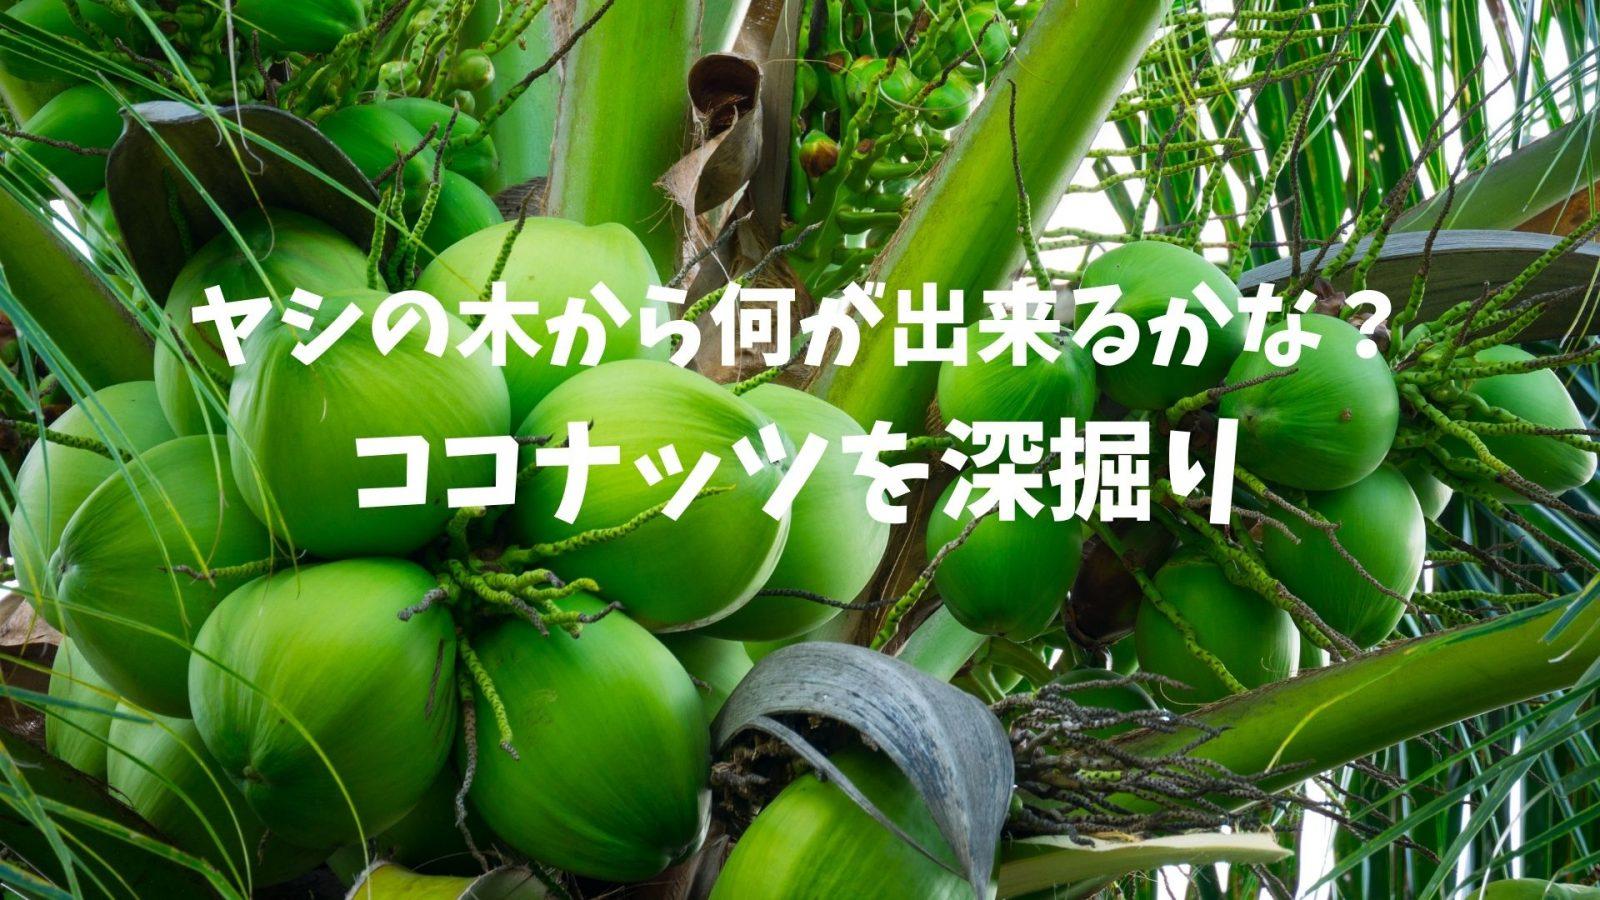 ココナッツについてのオンラインツアー